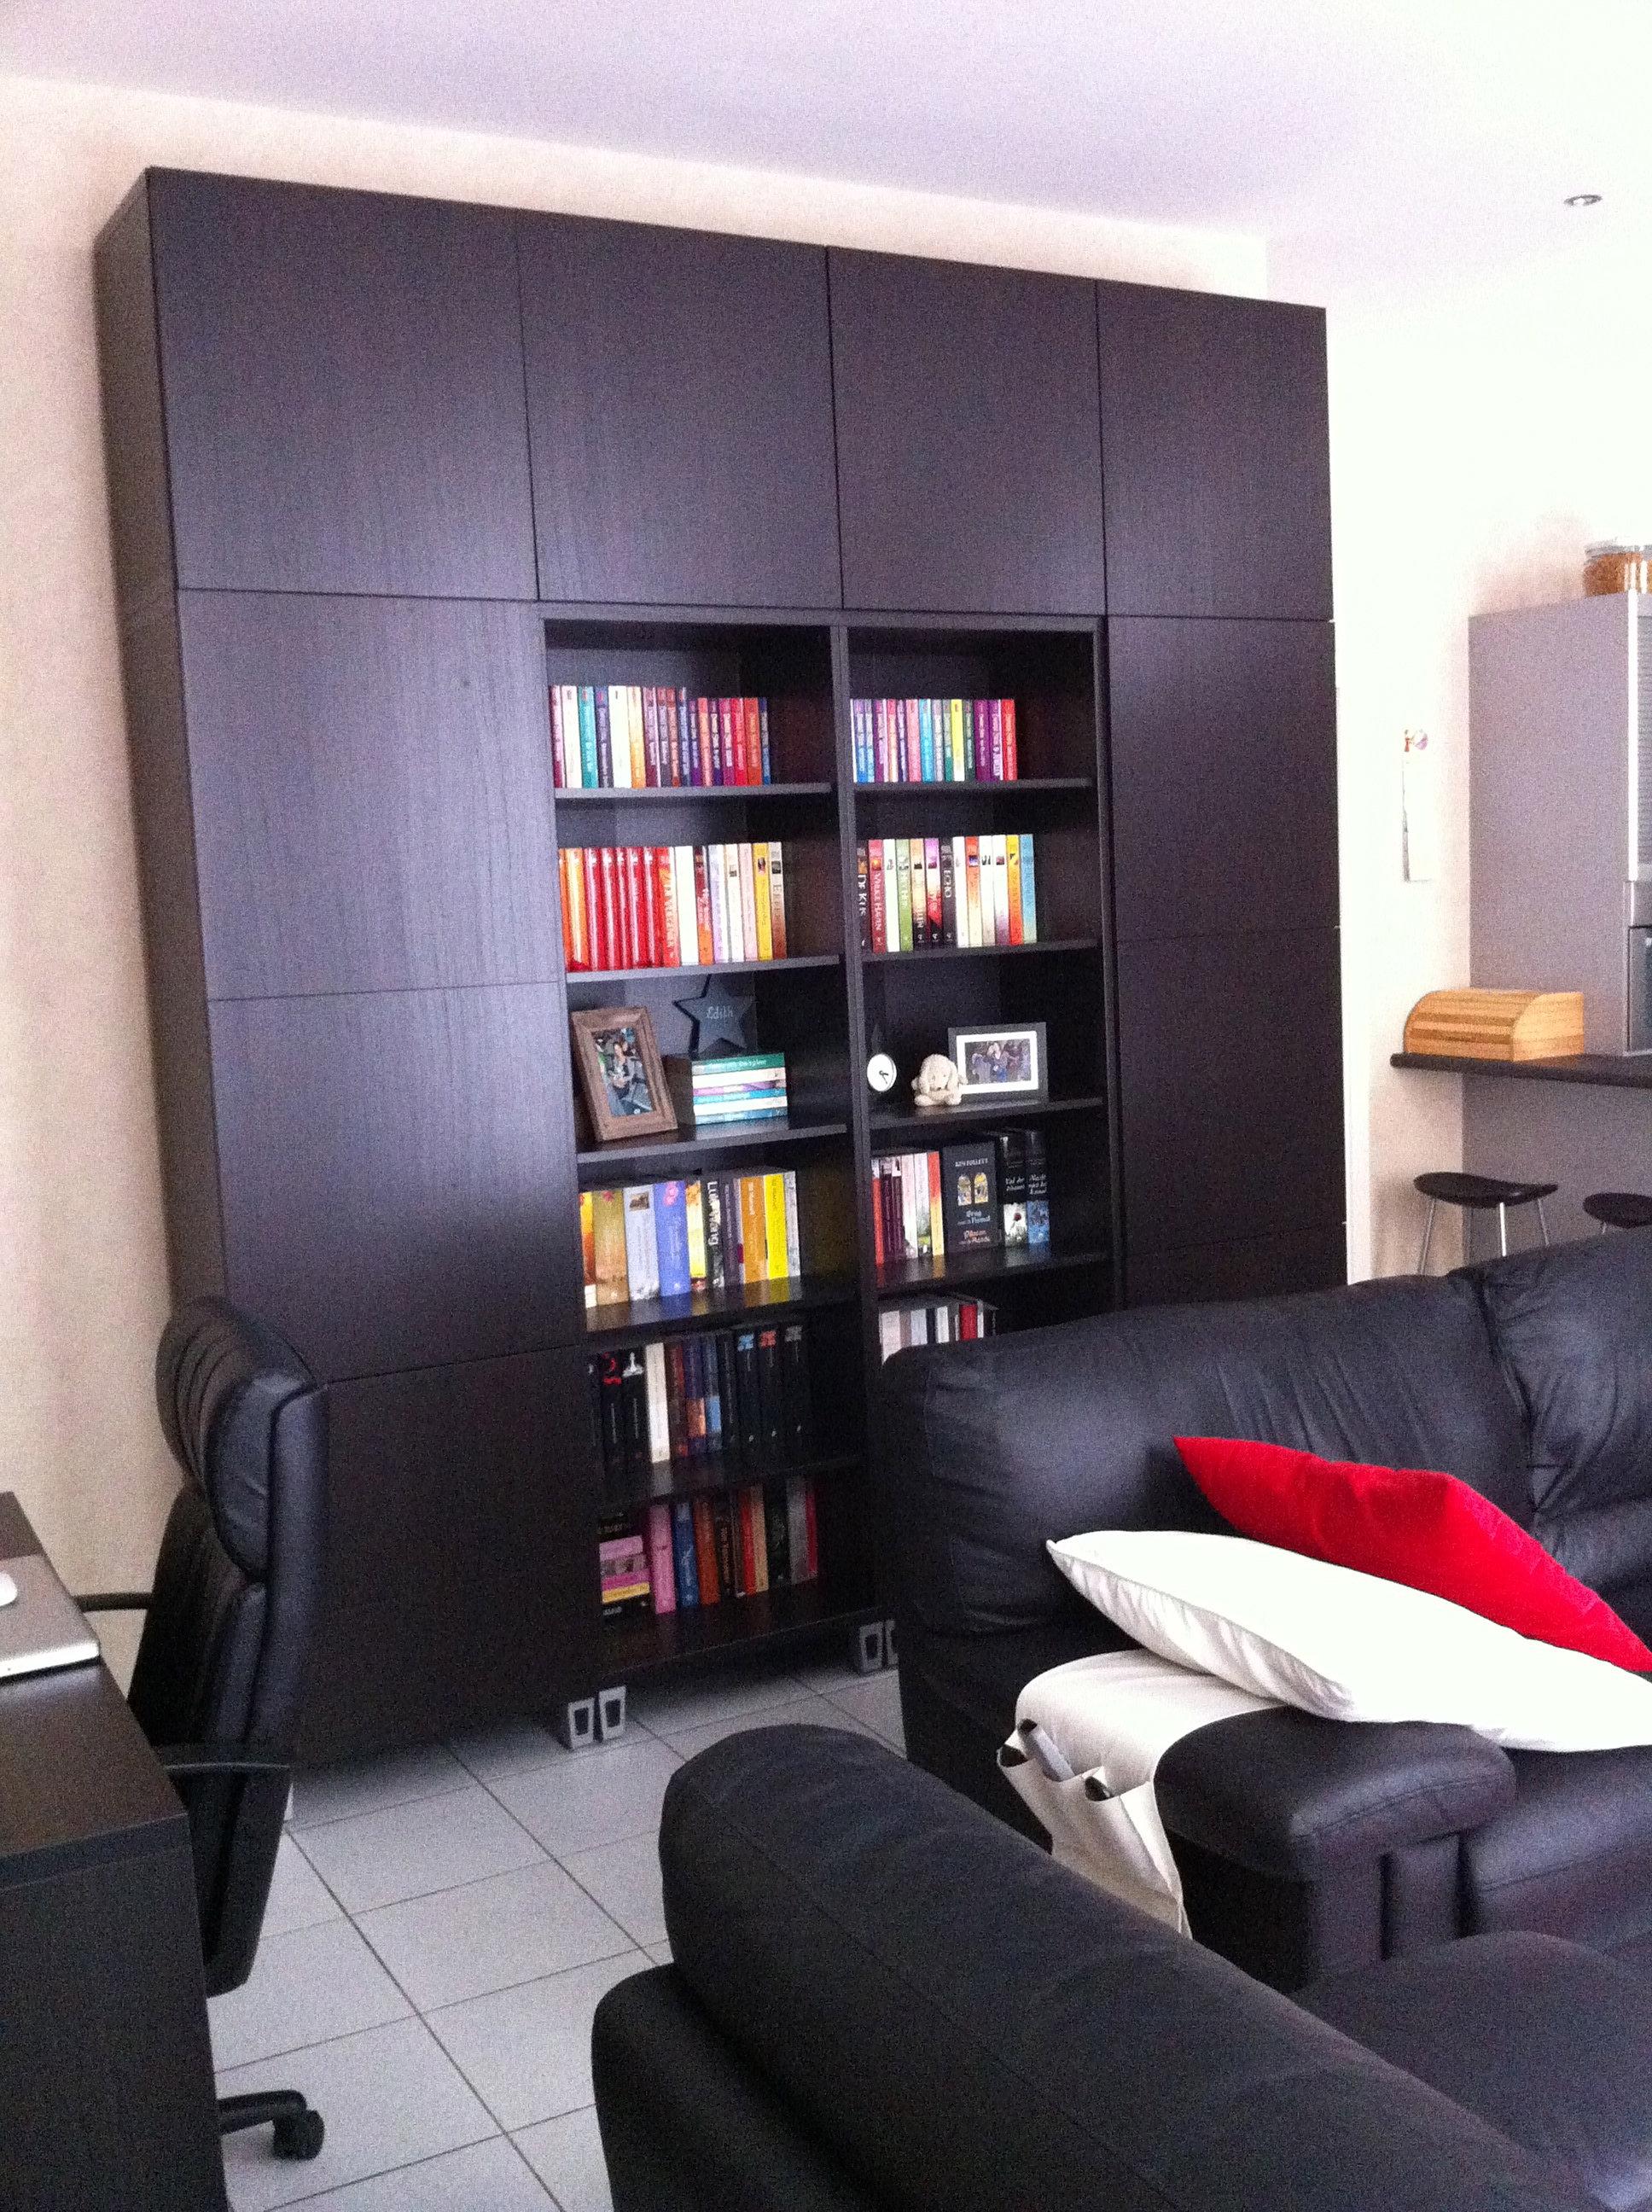 Appartement centrum maaseik te koop boekenkast - Hoe een grote woonkamer te voorzien ...